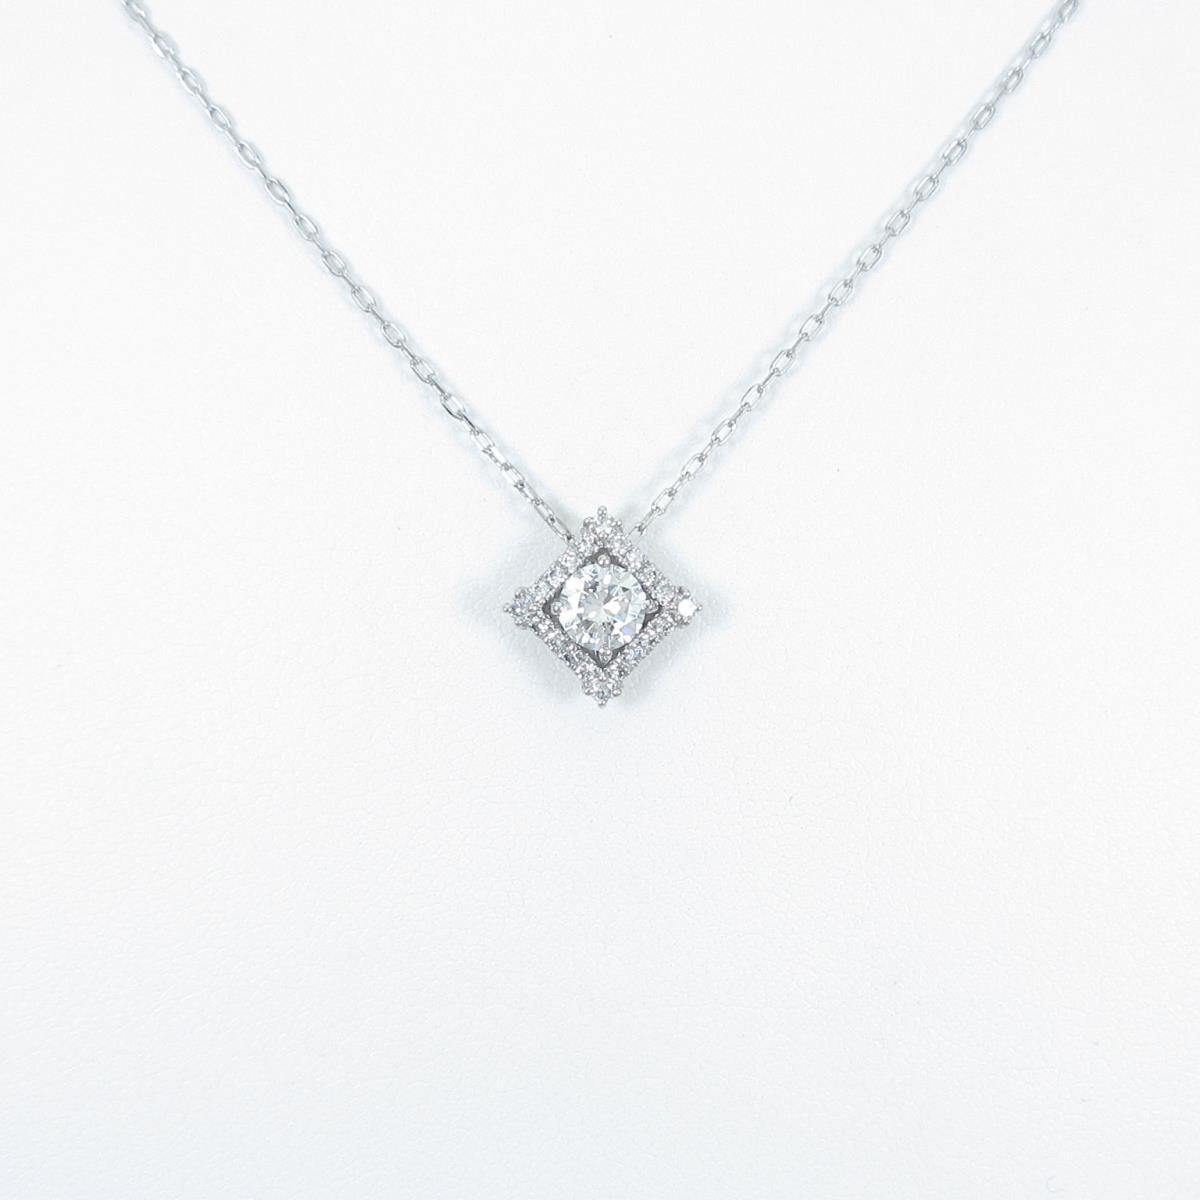 プラチナダイヤモンドネックレス 0.440ct・E・SI2・VG【中古】